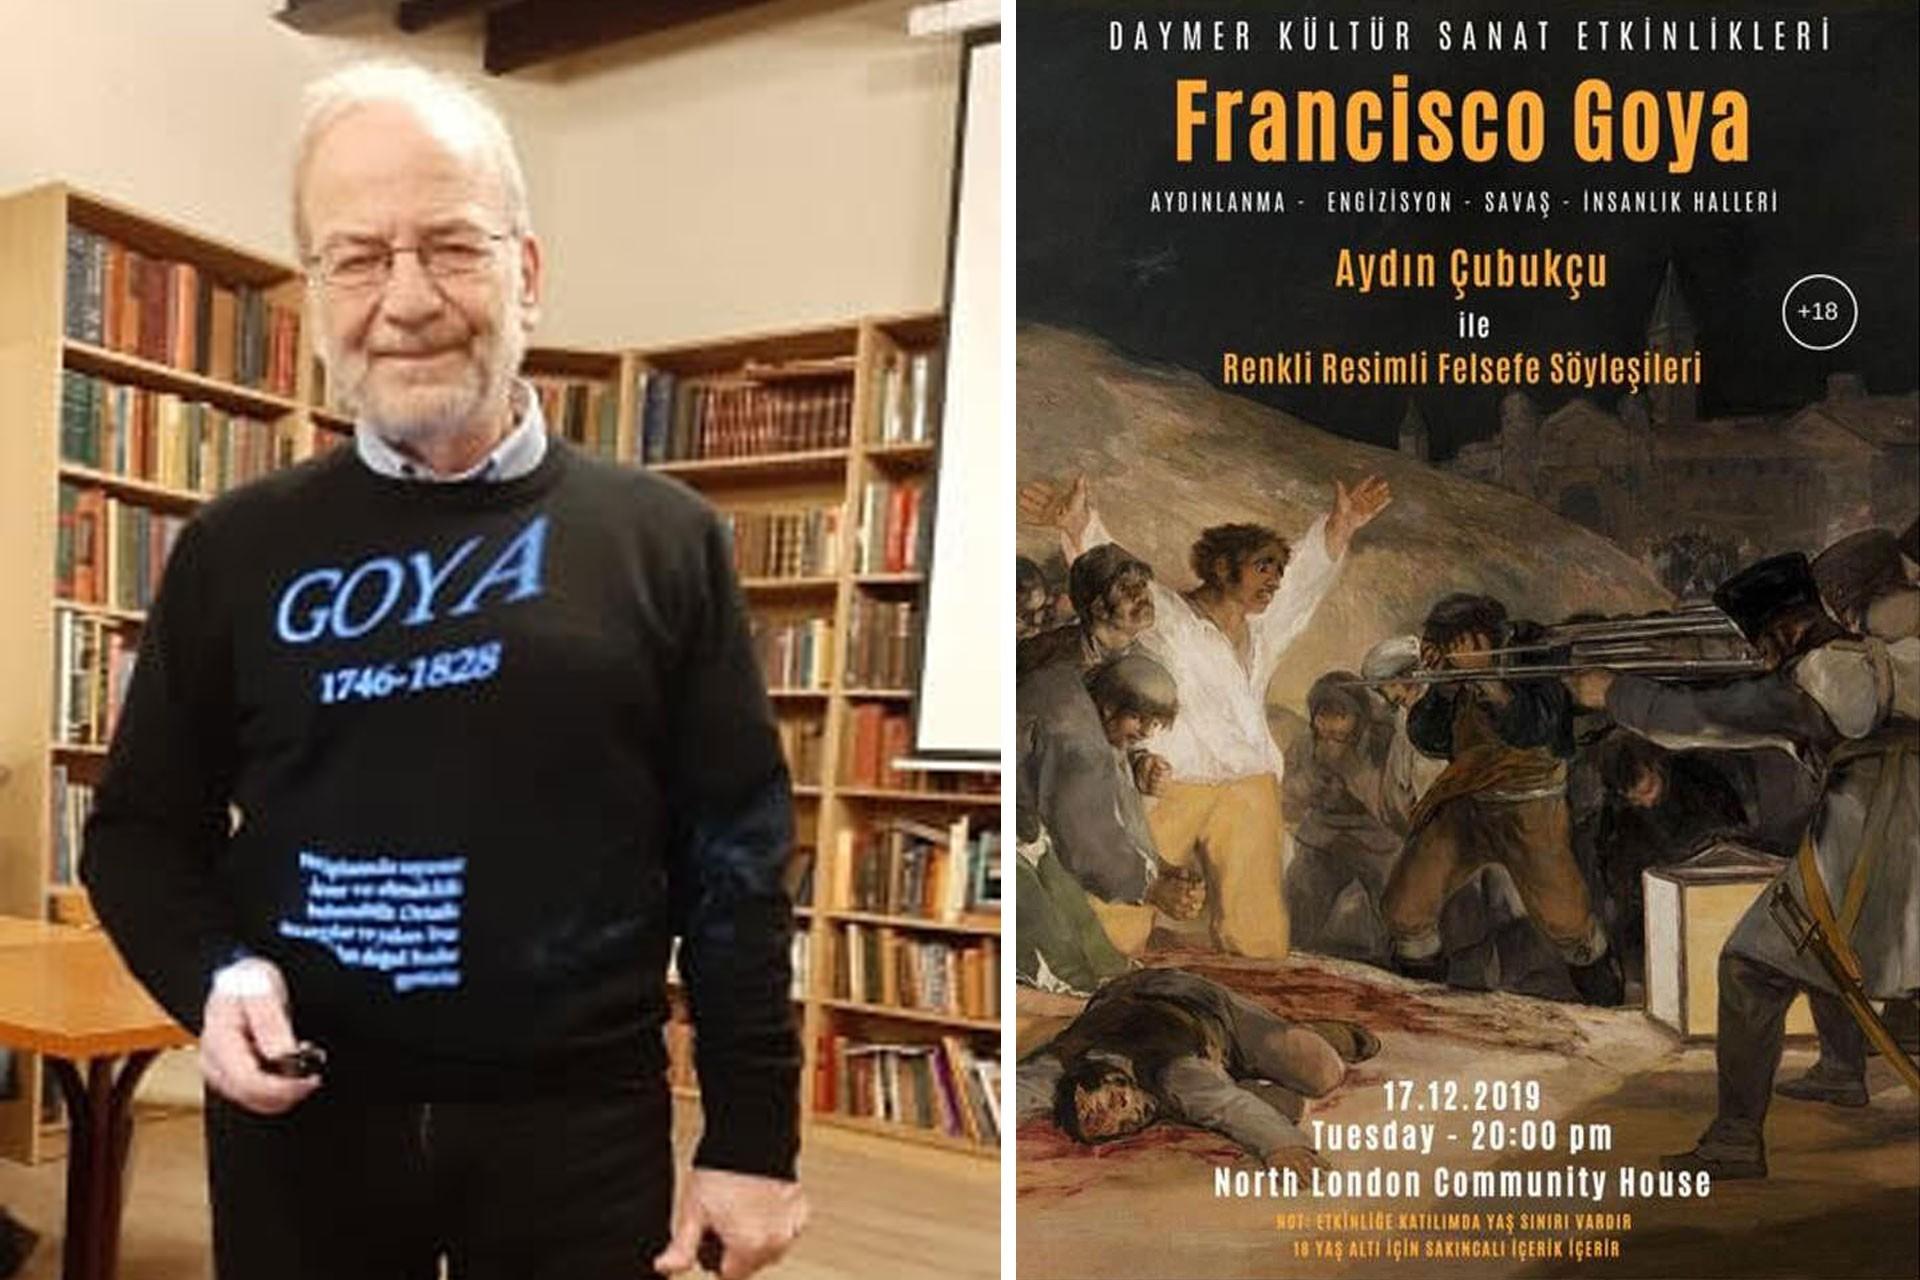 Aydın çubukçu ve Goya etkinliğinin afişi